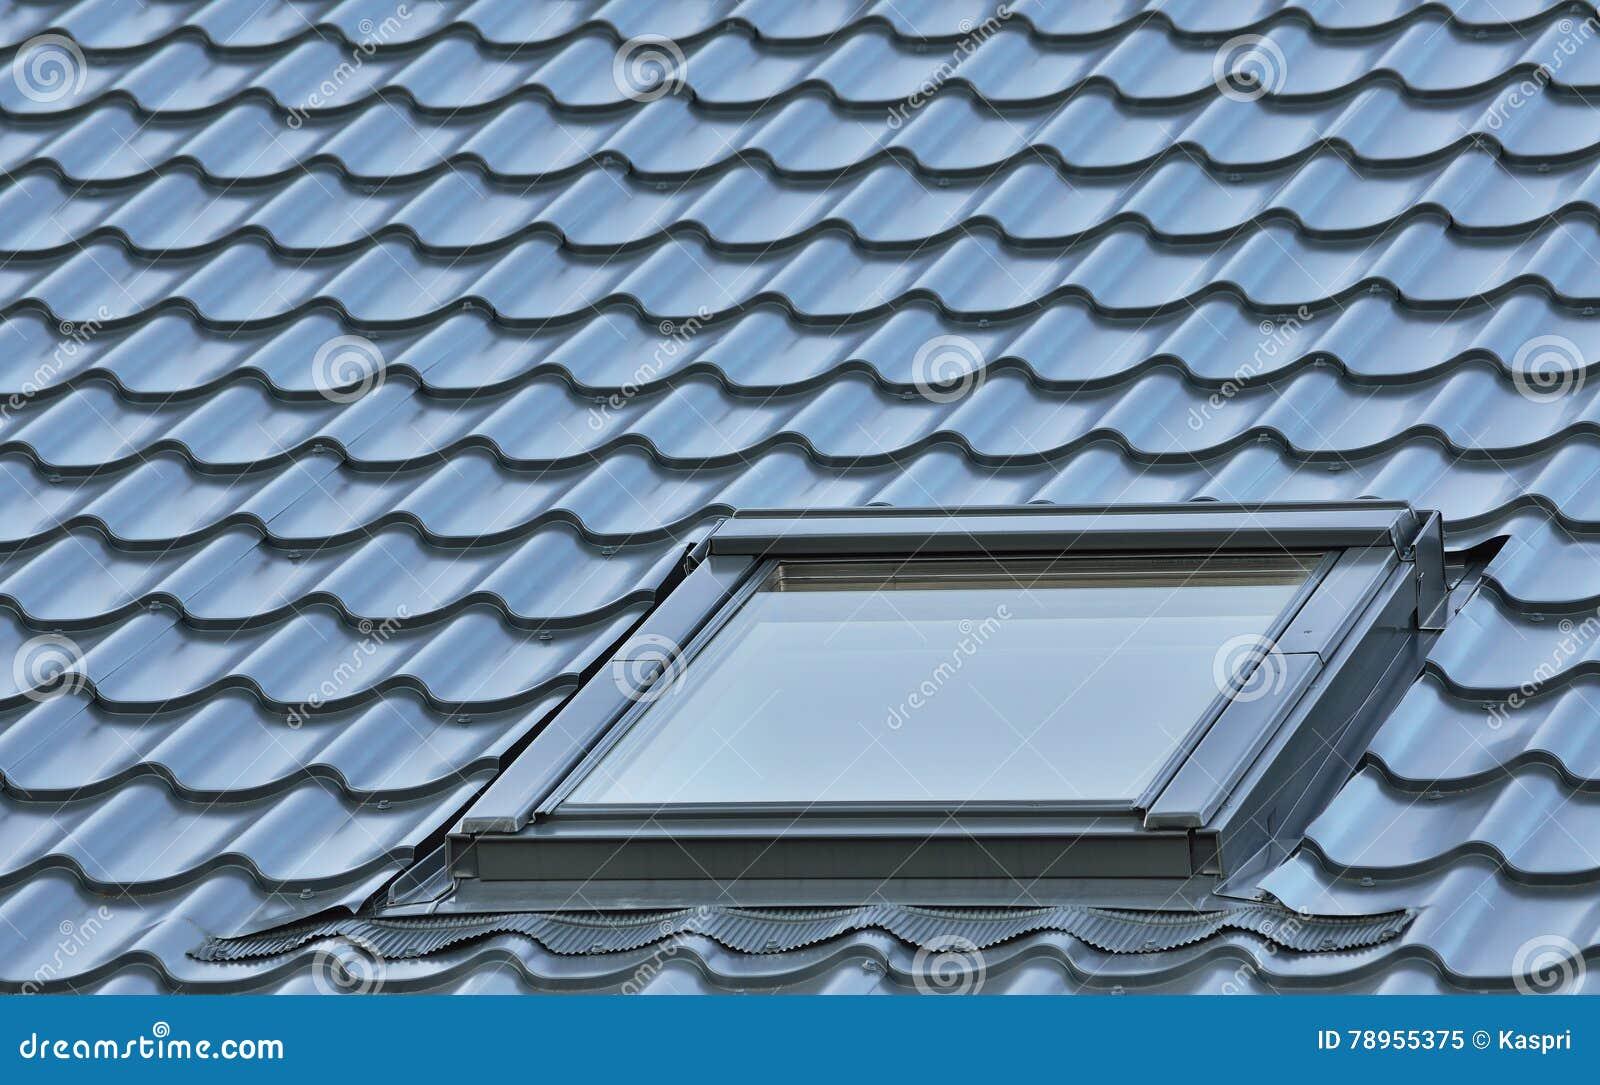 顶房顶窗口,灰色铺磁砖的屋顶,大详细的顶楼天窗背景,对角屋顶样式